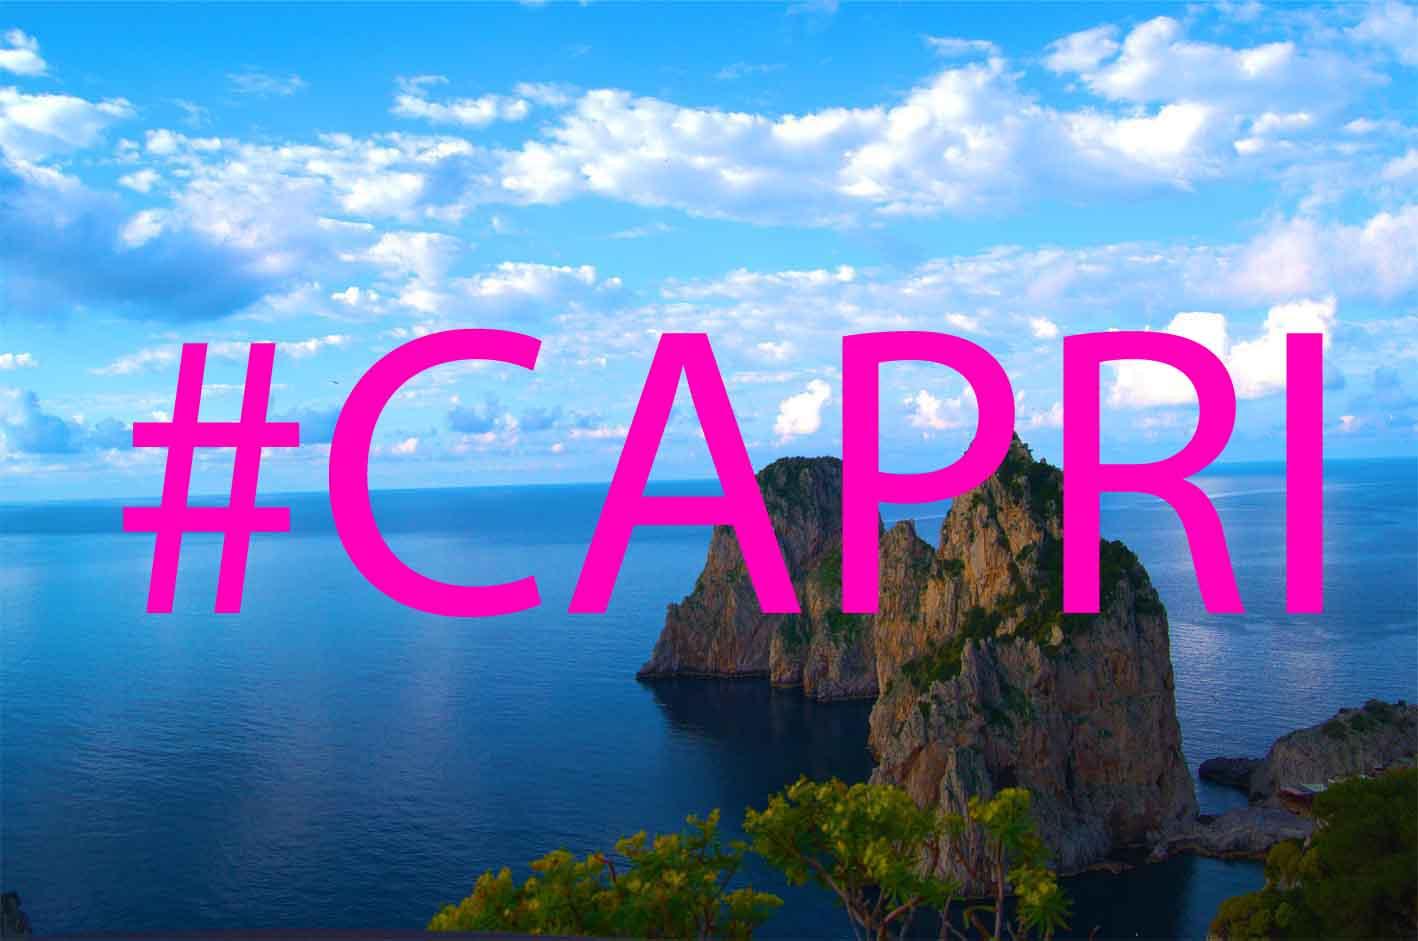 L'isola dei Faraglioni regina di Instagram, l'hastag #capri raggiunge 1,4milioni di post